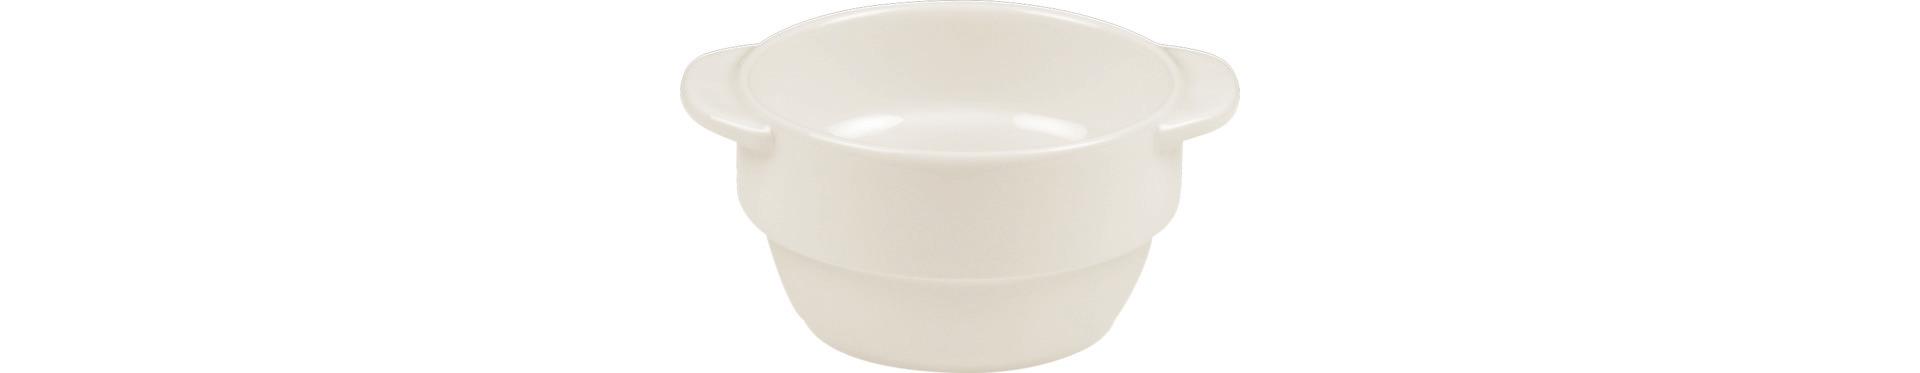 Suppentasse 2 Henkel 100 mm / 0,28 l crème